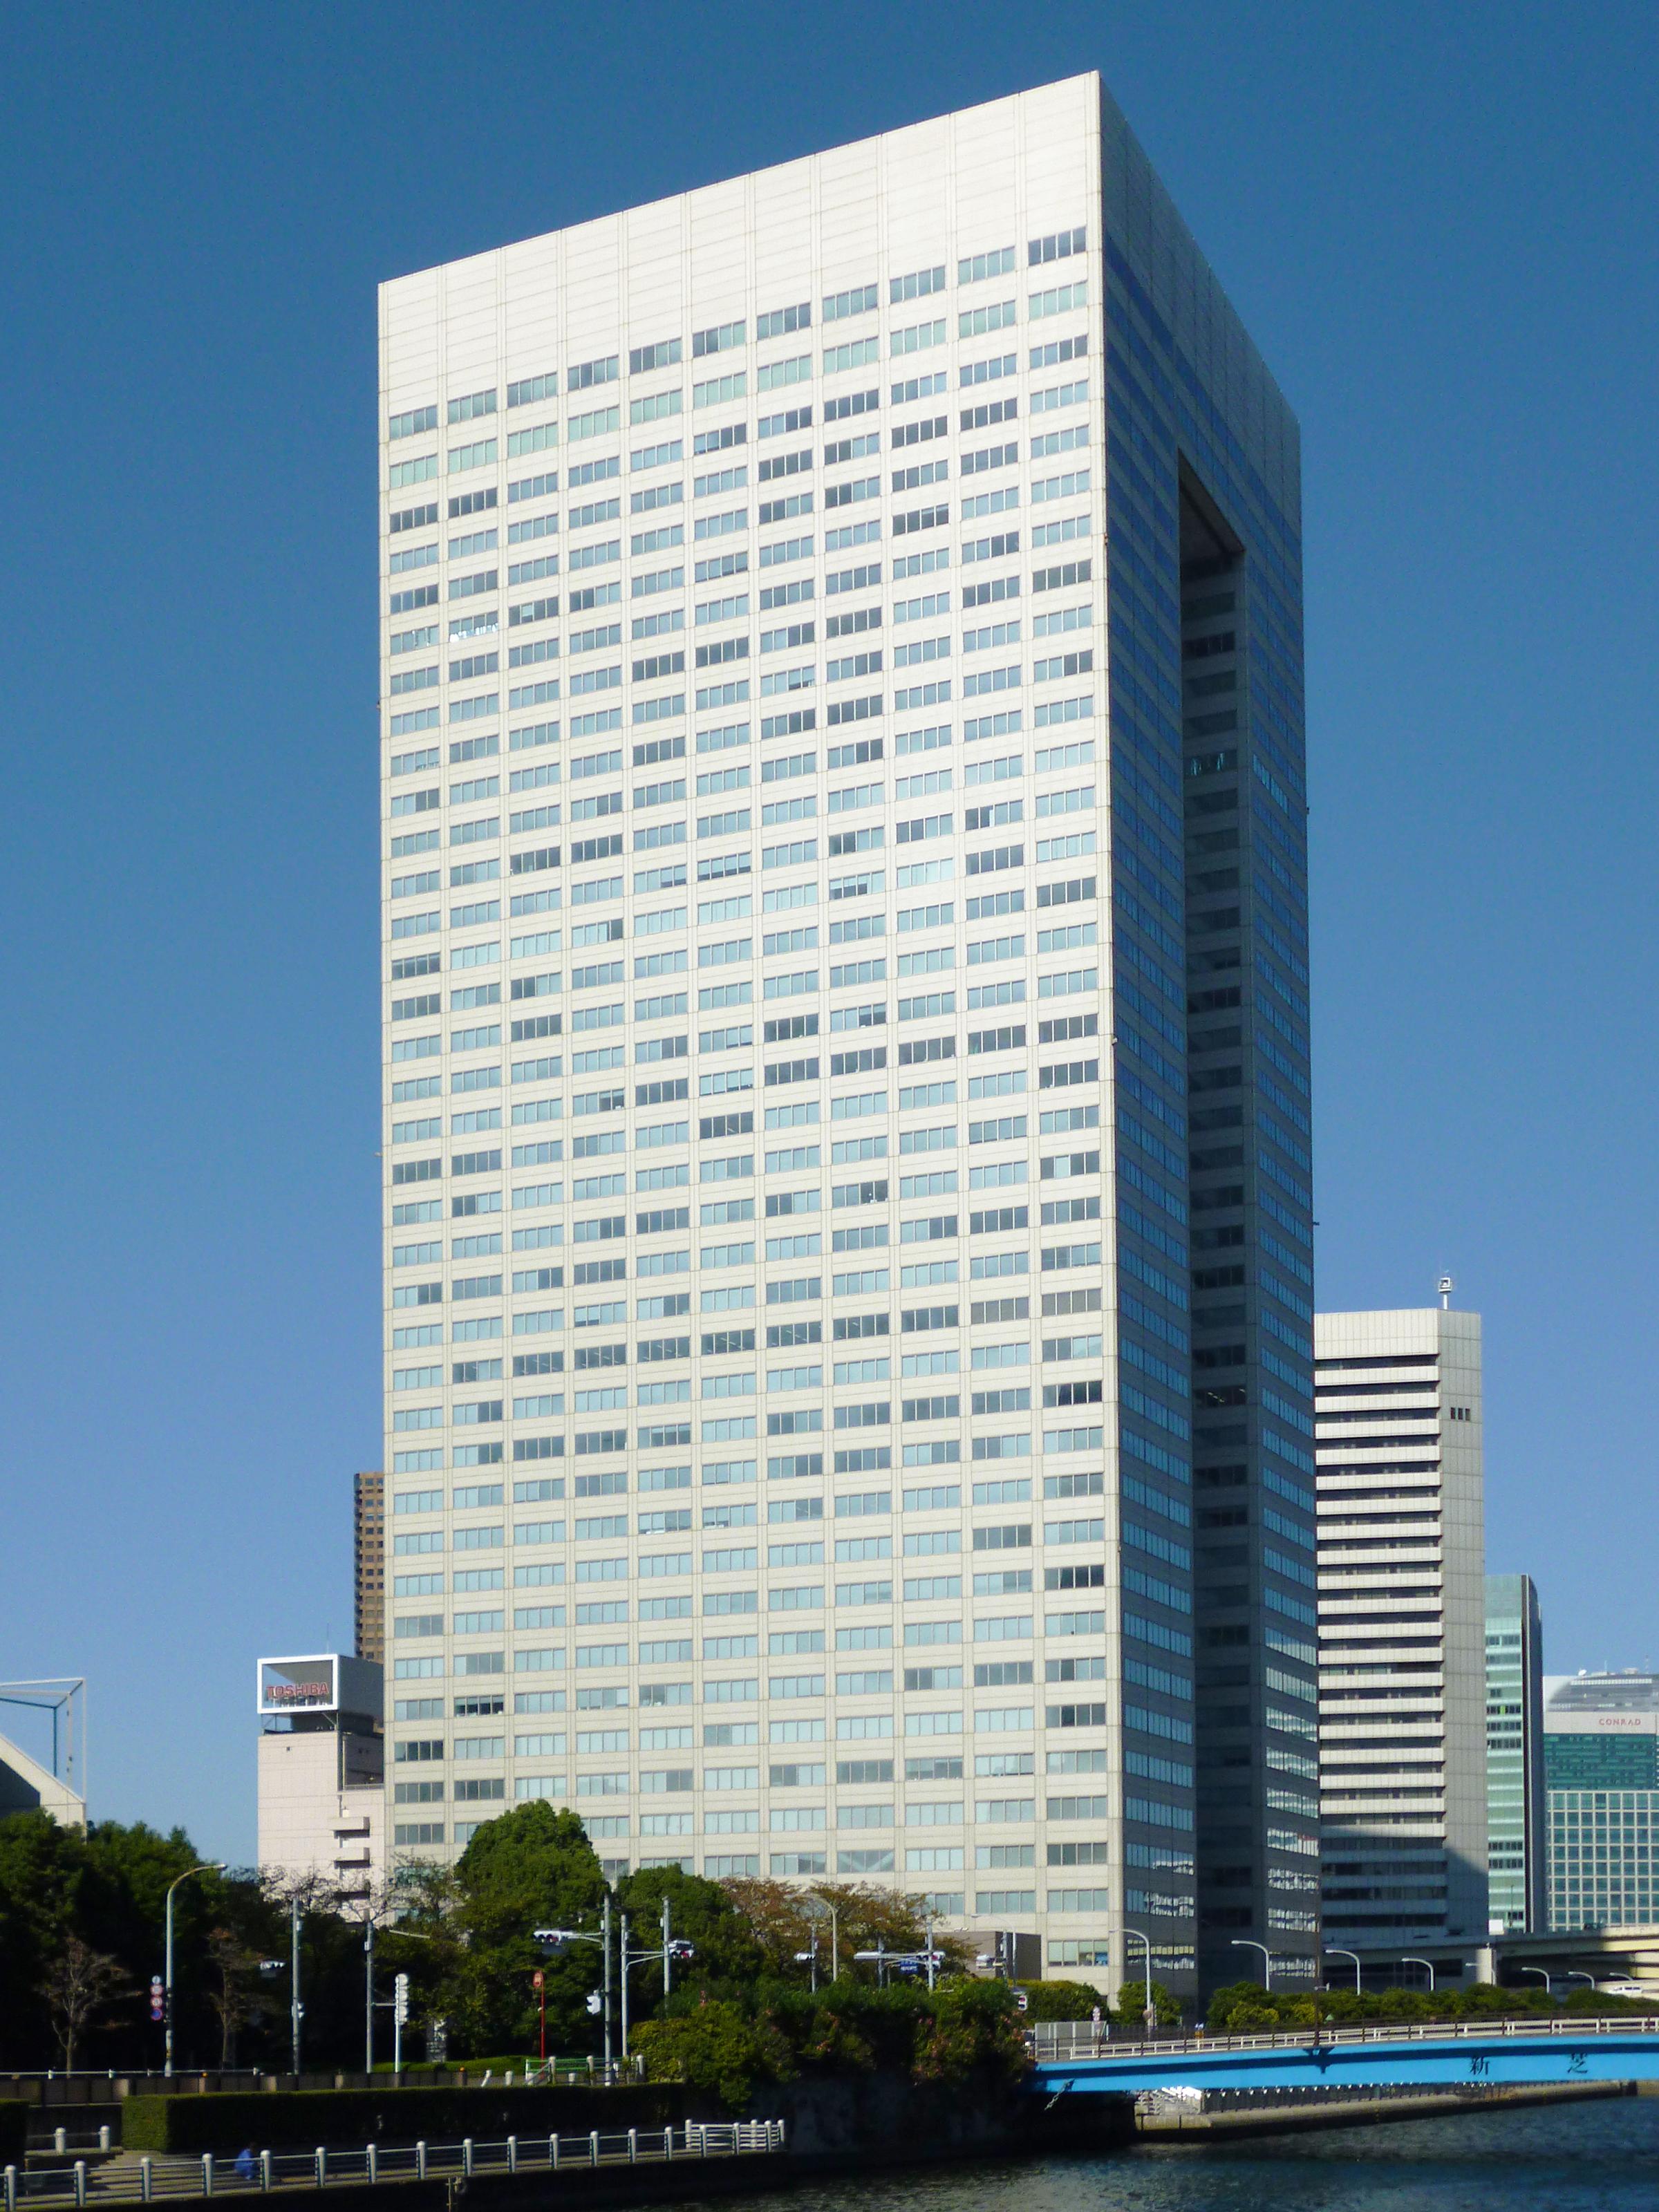 キャリア 福岡県、建設・住宅・土木の転職・求人情報を探す |